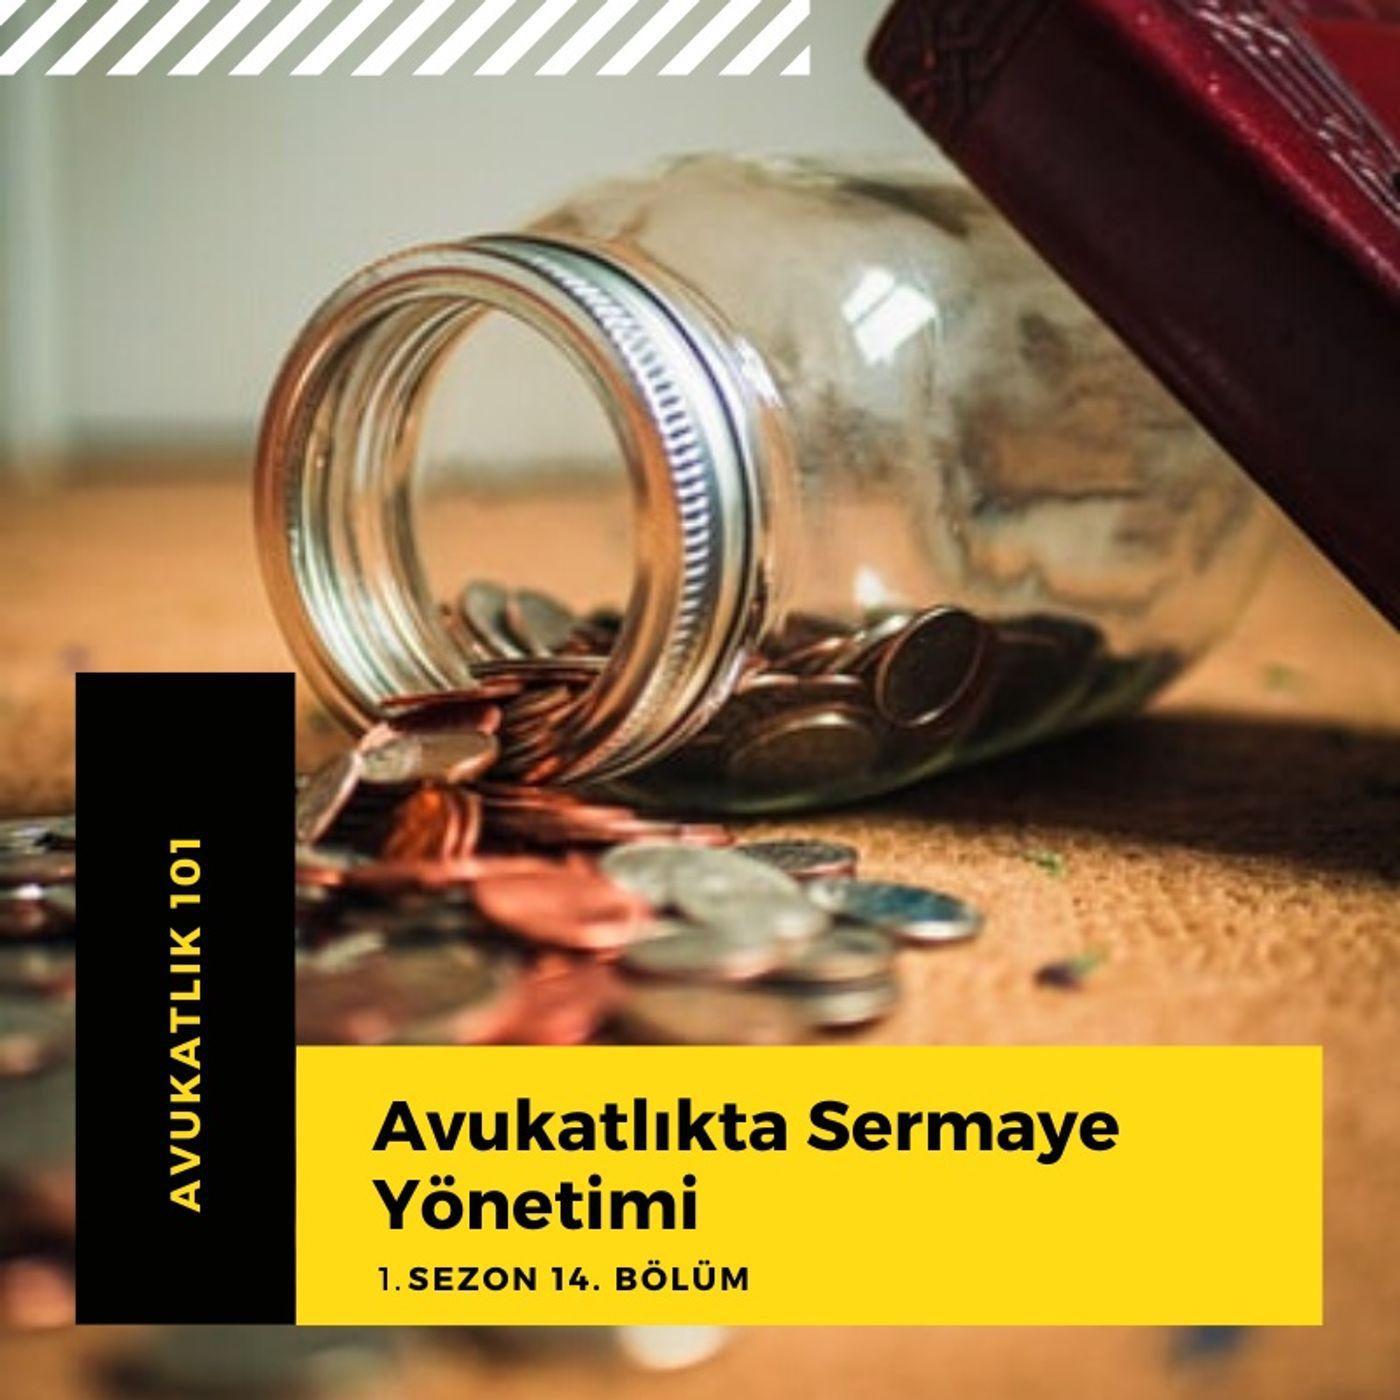 Avukatlıkta Sermaye Yönetimi .14